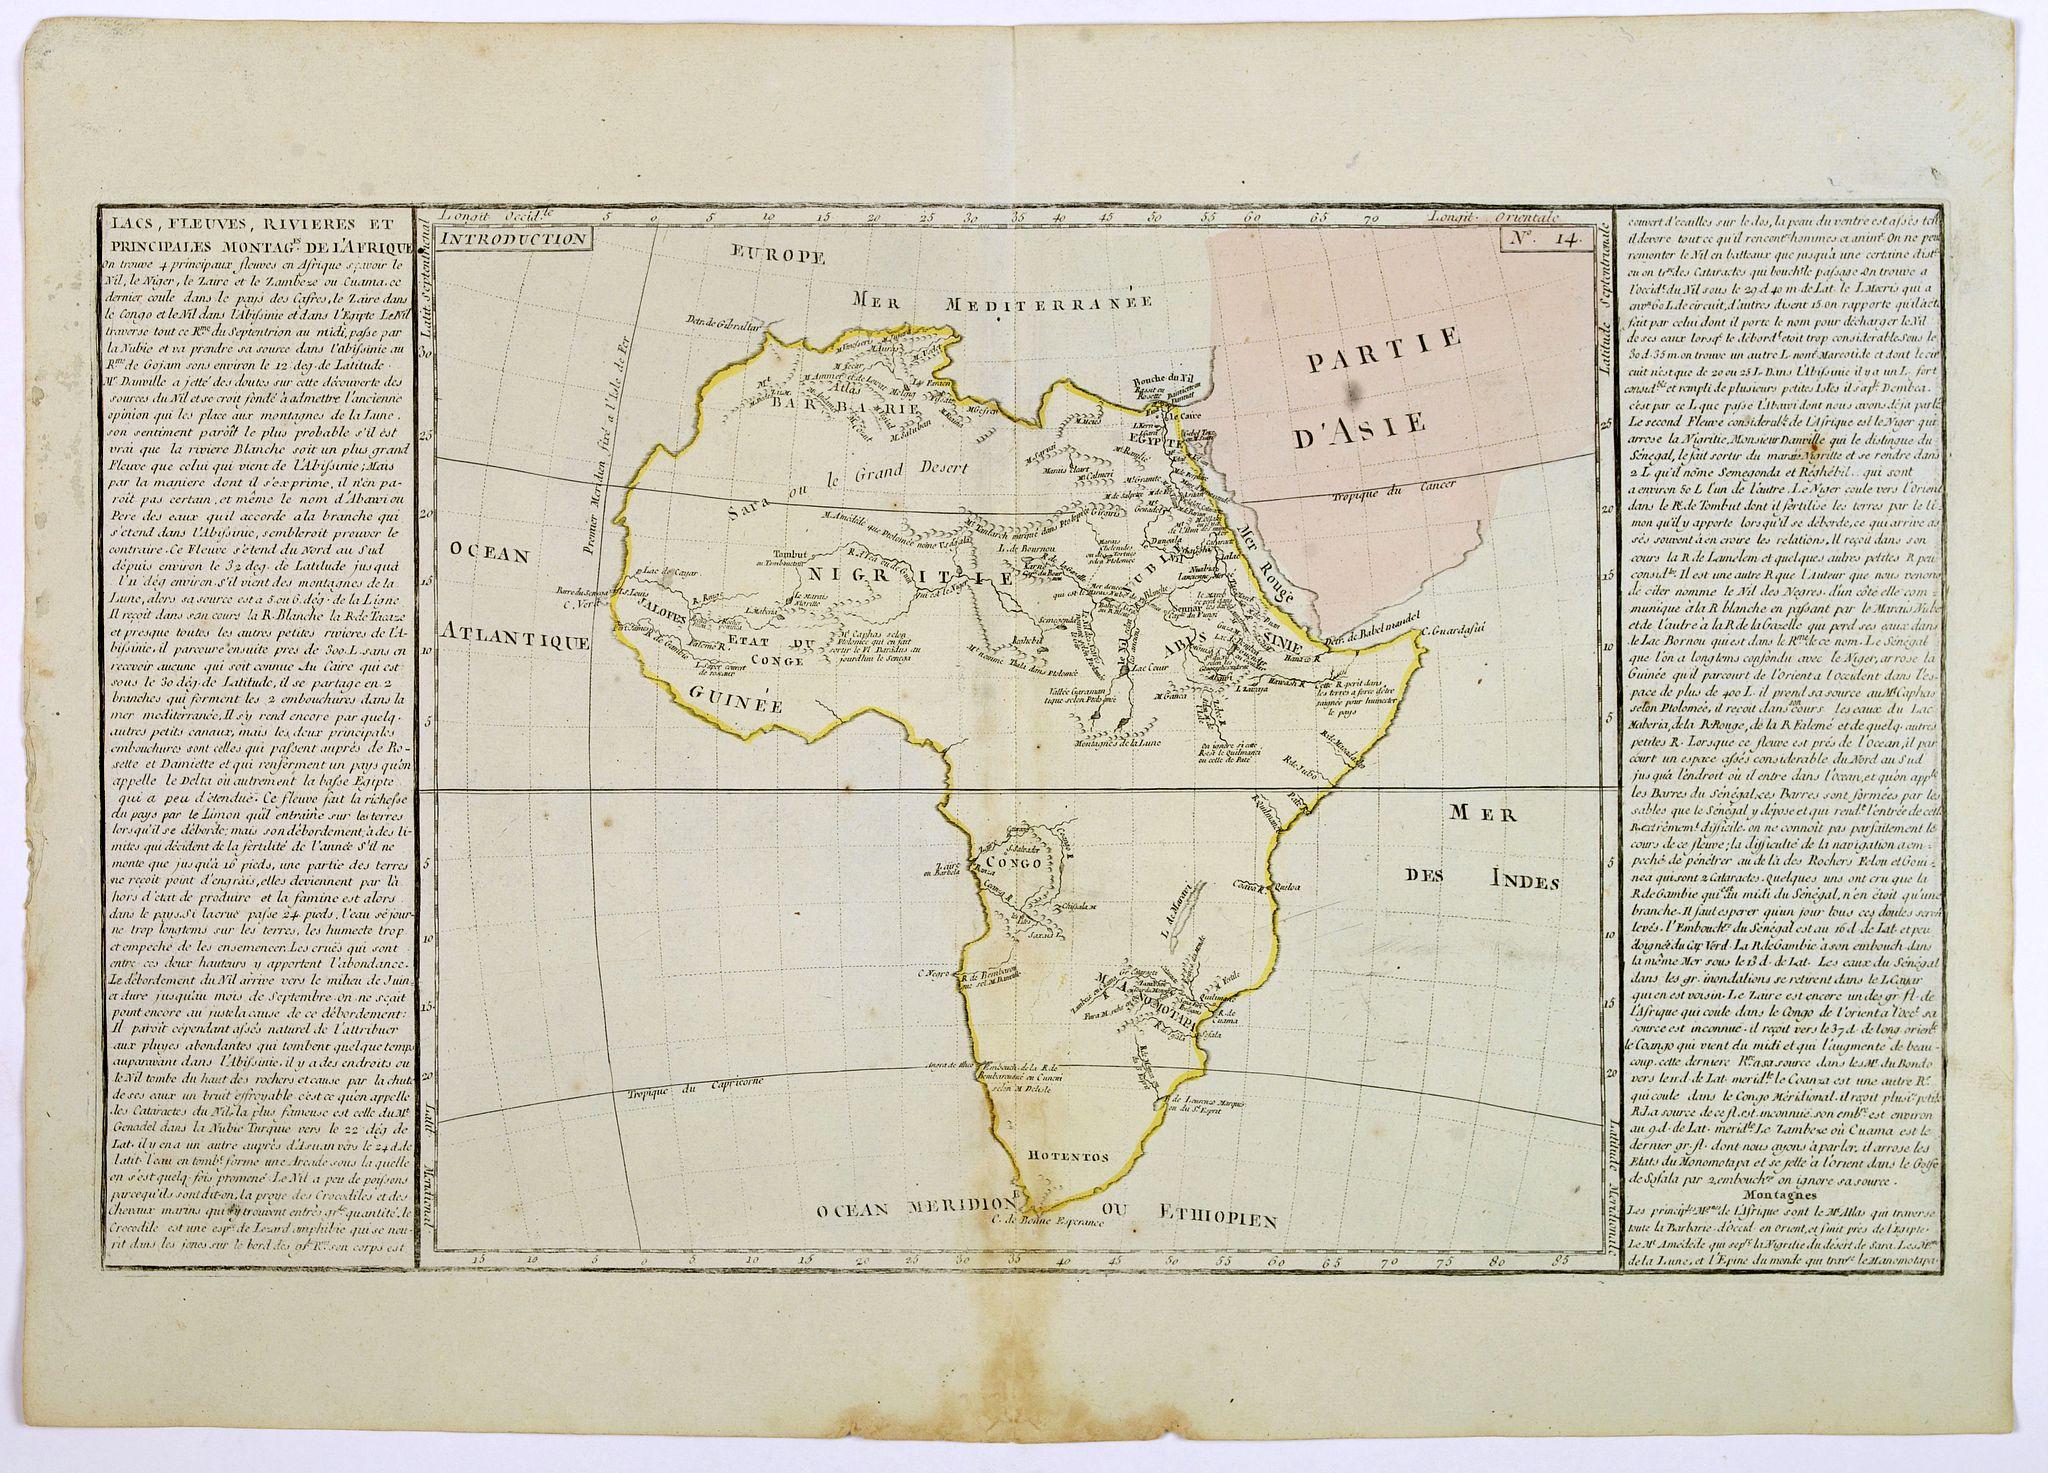 CLOUET, J.B. - Lacs, Fleuves, Rivieres et Principales Montagnes de L'Afrique.